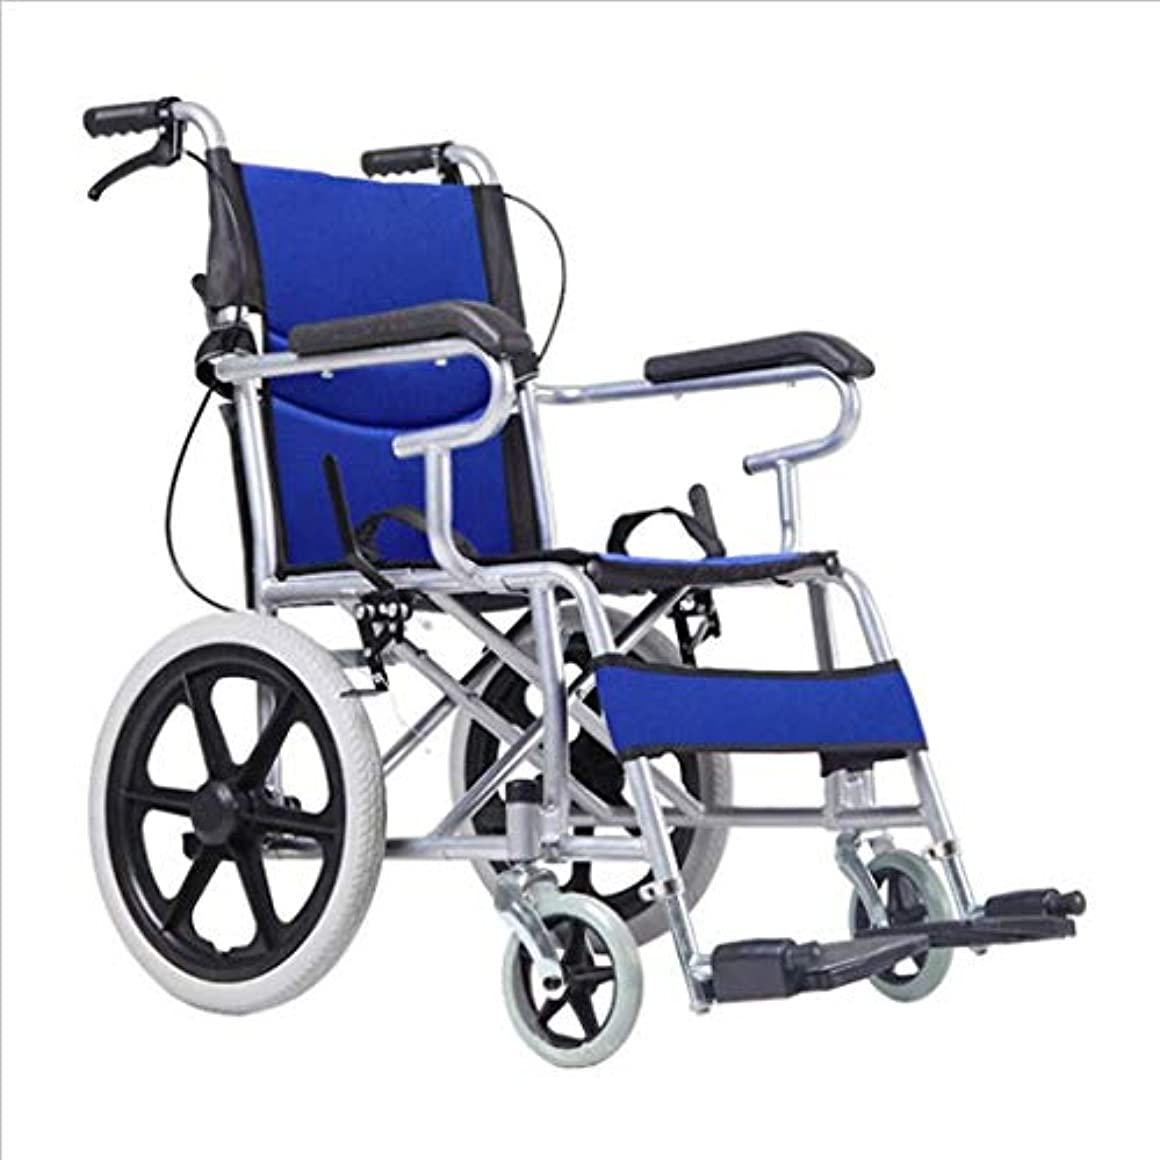 守銭奴やめる芸術的車椅子折り畳み式ソリッドタイヤ軽量でインフレータブルフリー高齢者身体障害者旅行折り畳み式折り畳み式車椅子